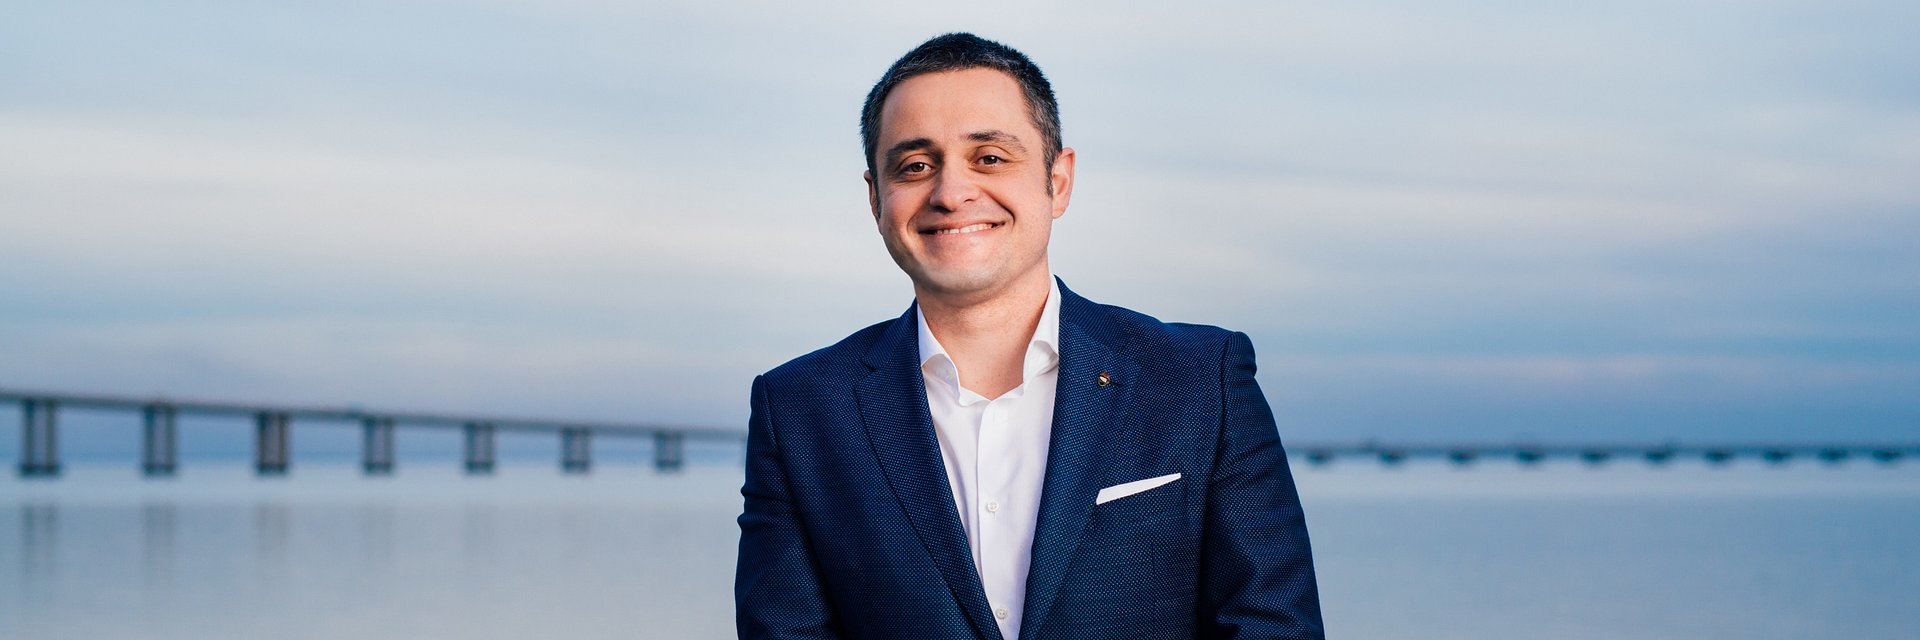 Pedro Afonso é o novo CEO da VINCI Energies Portugal